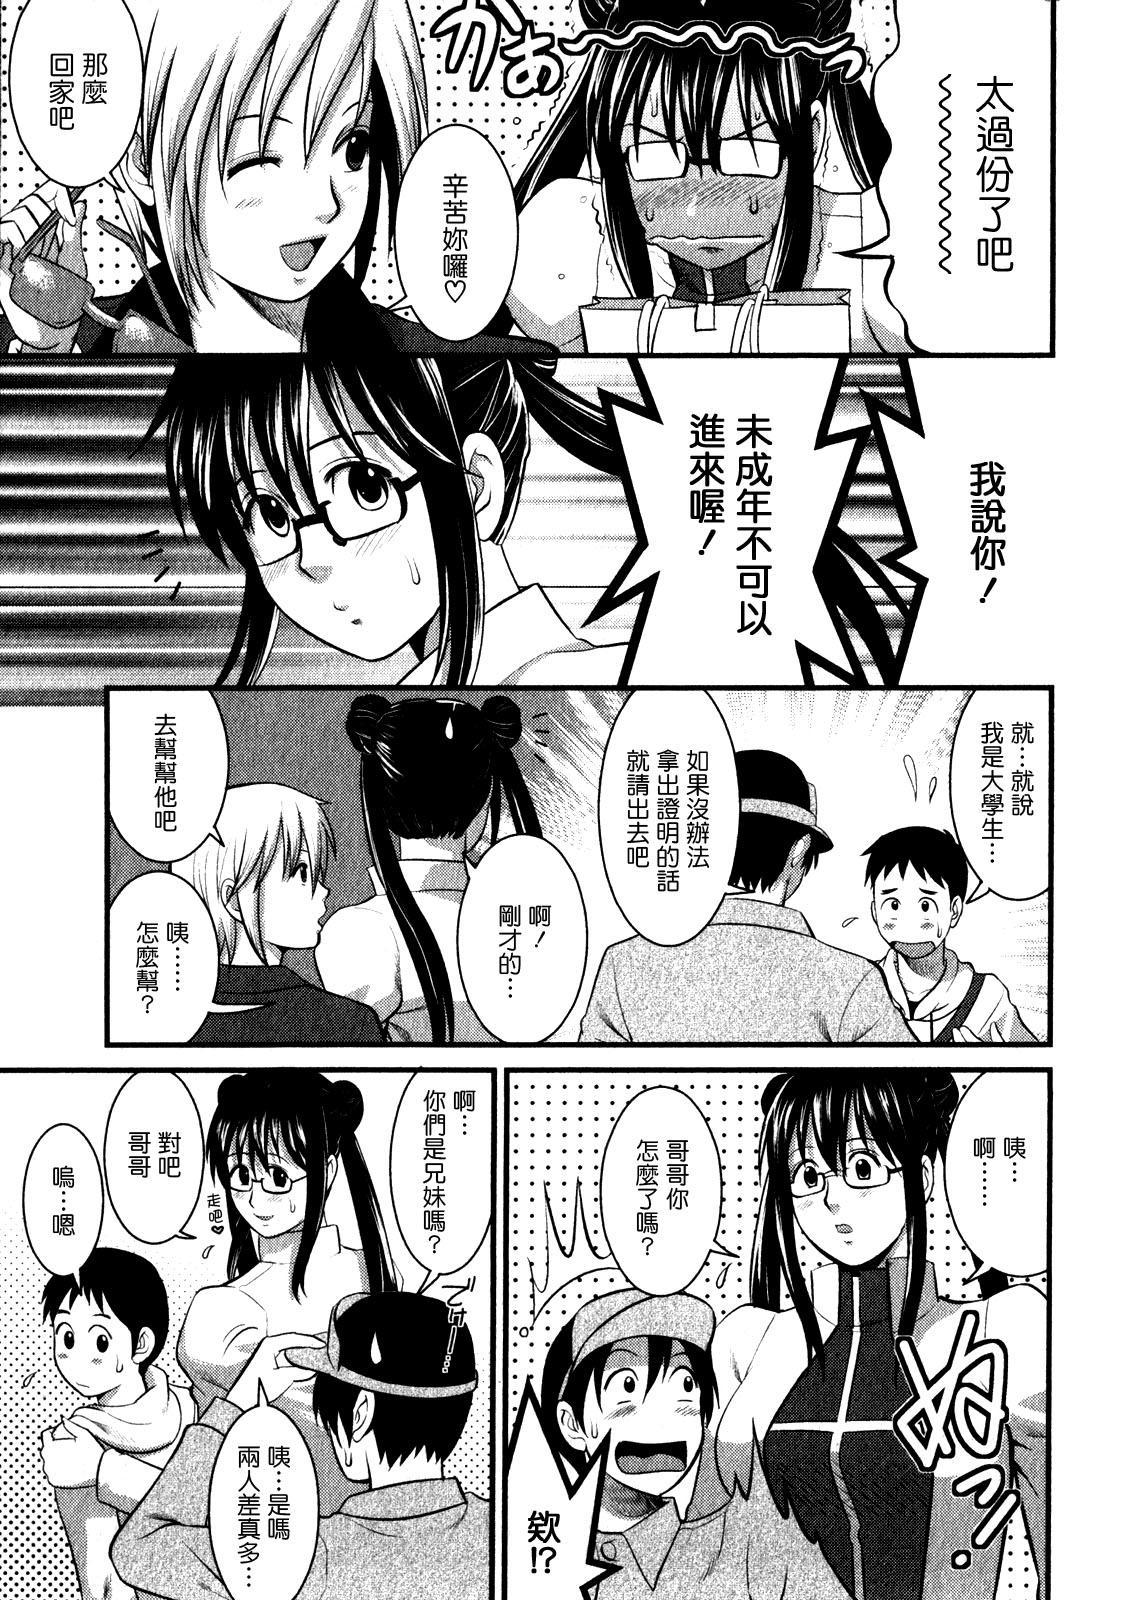 Otaku no Megami-san 1 74